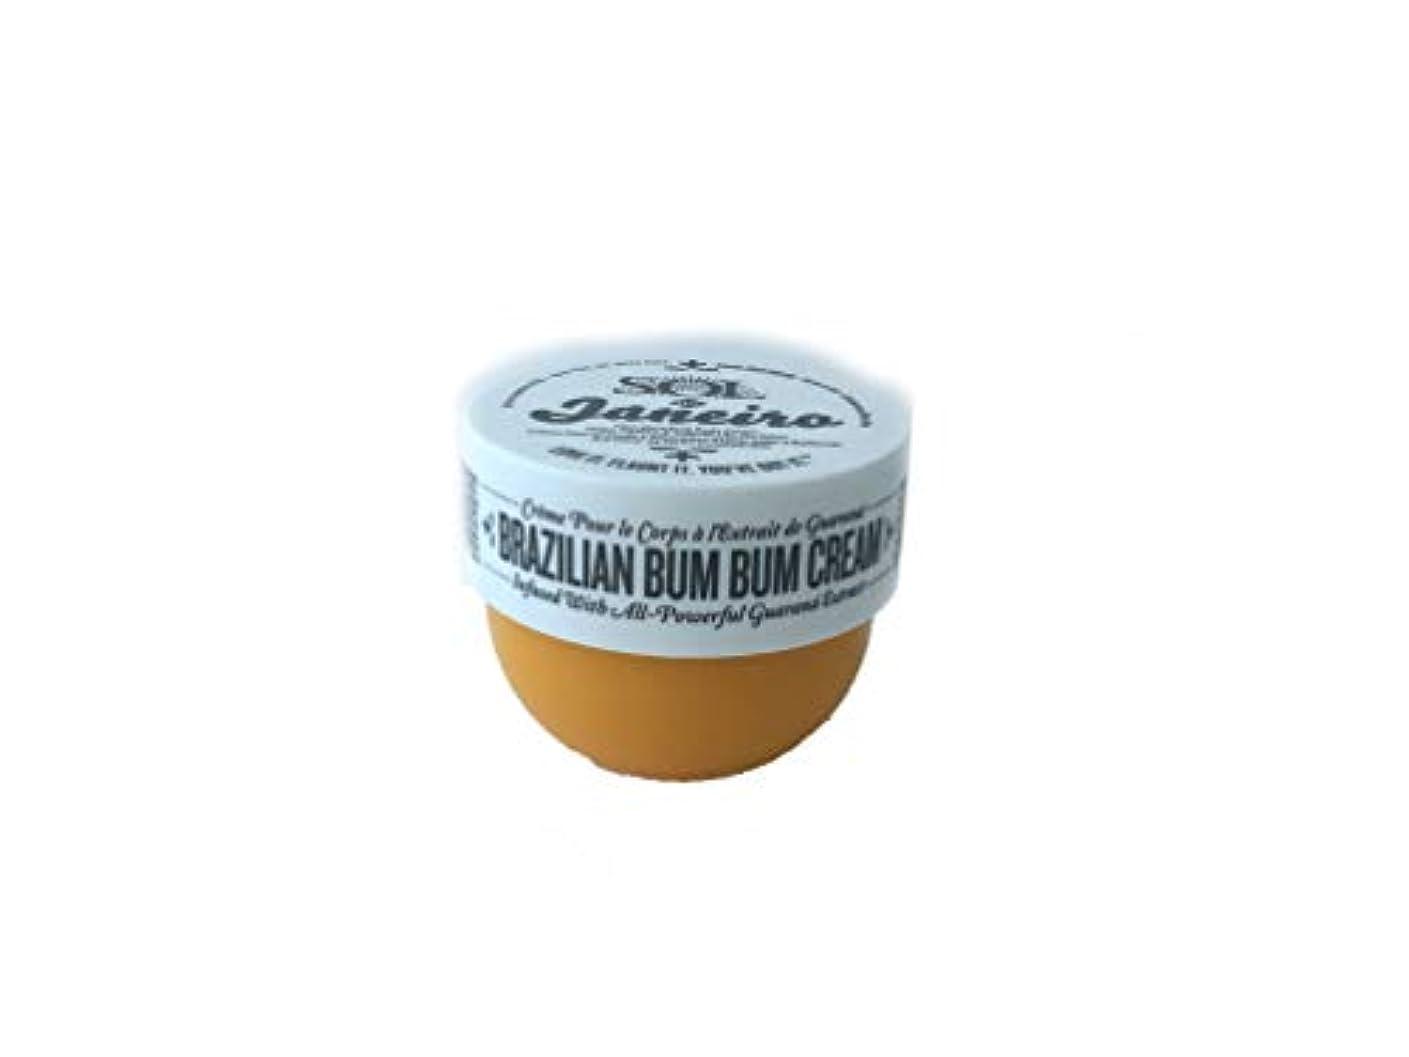 許さないぬいぐるみ博物館Brazilian BUM BUM Cream 25ml トライアルサイズ【並行輸入品】